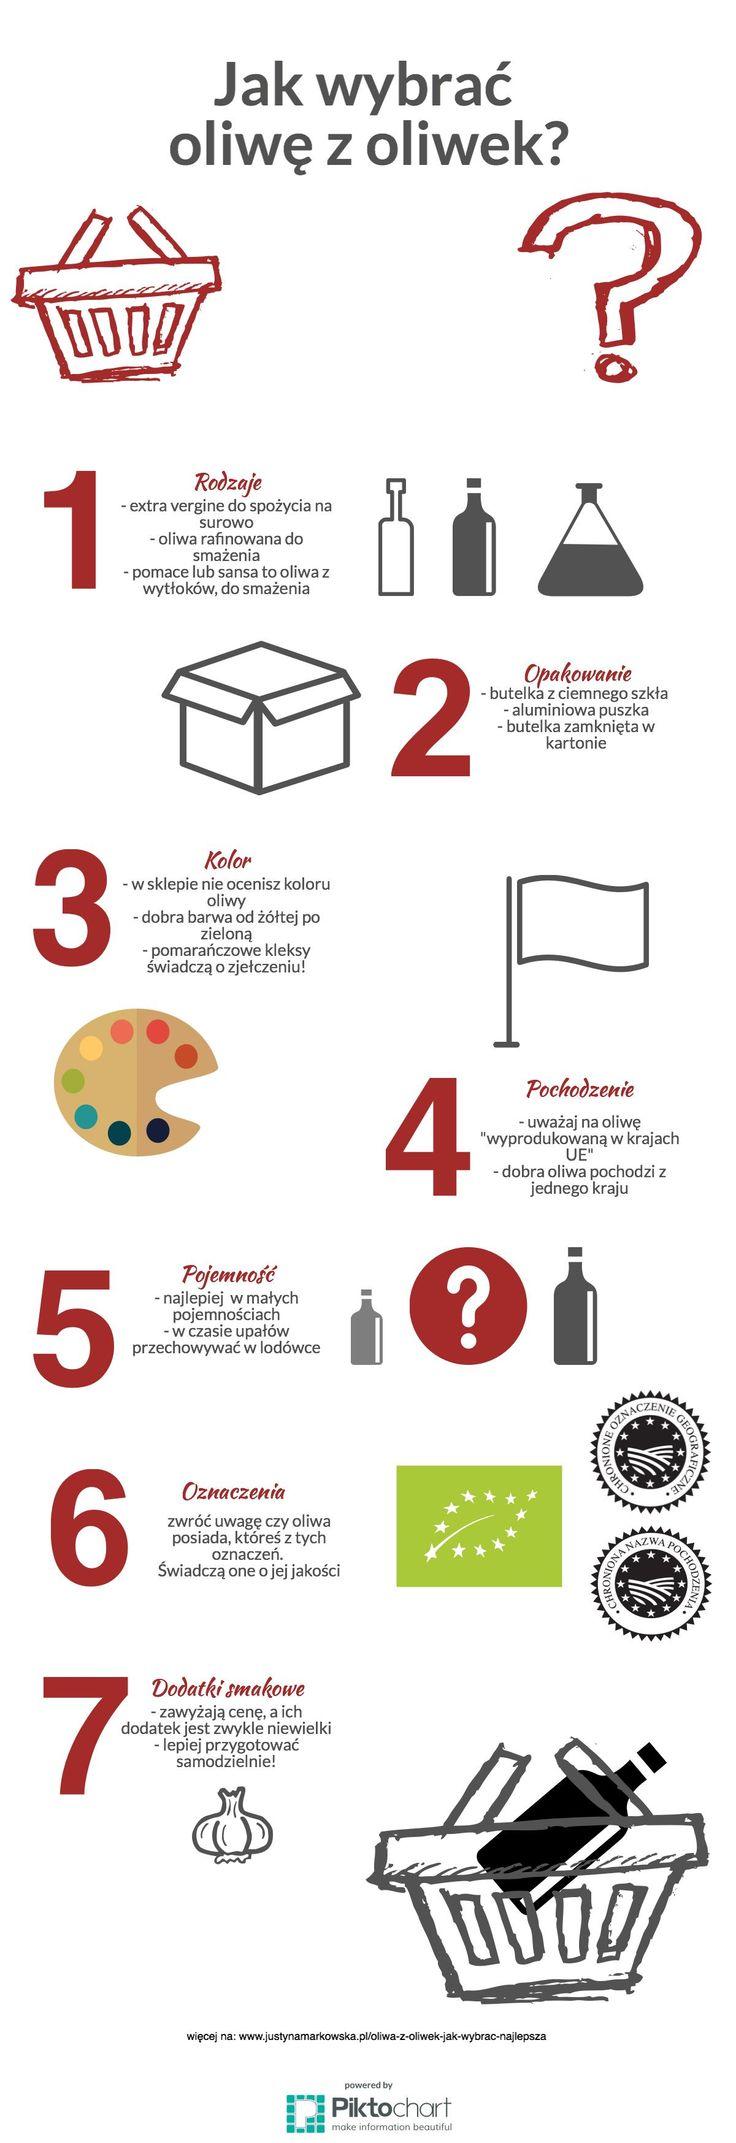 Jak wybrać oliwę z oliwek? Więcej na: http://www.justynamarkowska.pl/oliwa-z-oliwek-jak-wybrac-najlepsza/